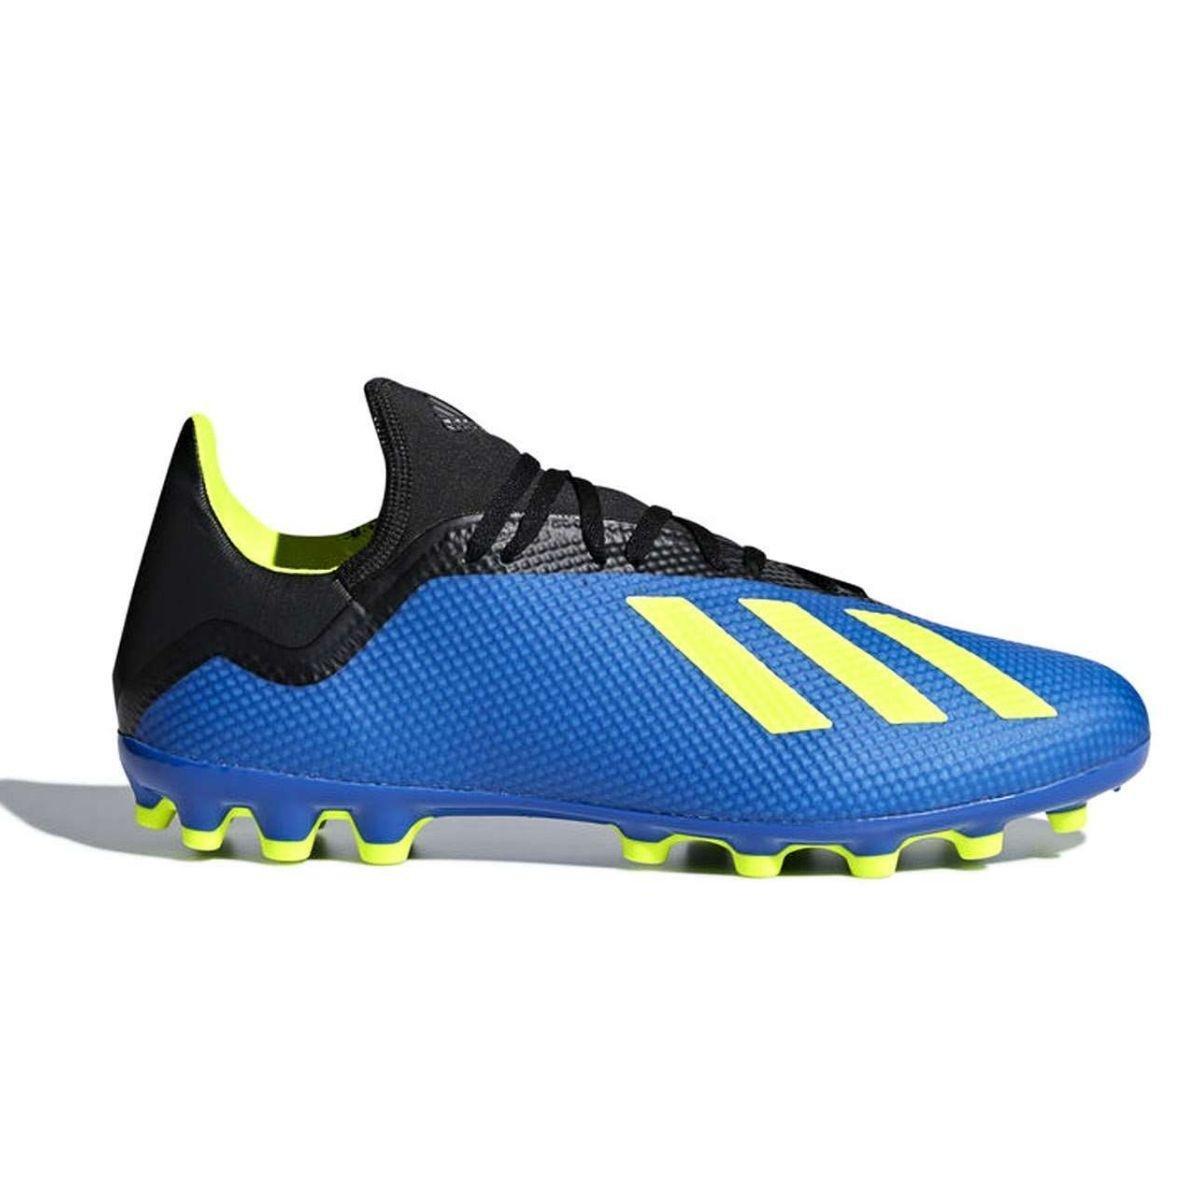 Scarpa Adidas X 18.3 AG...